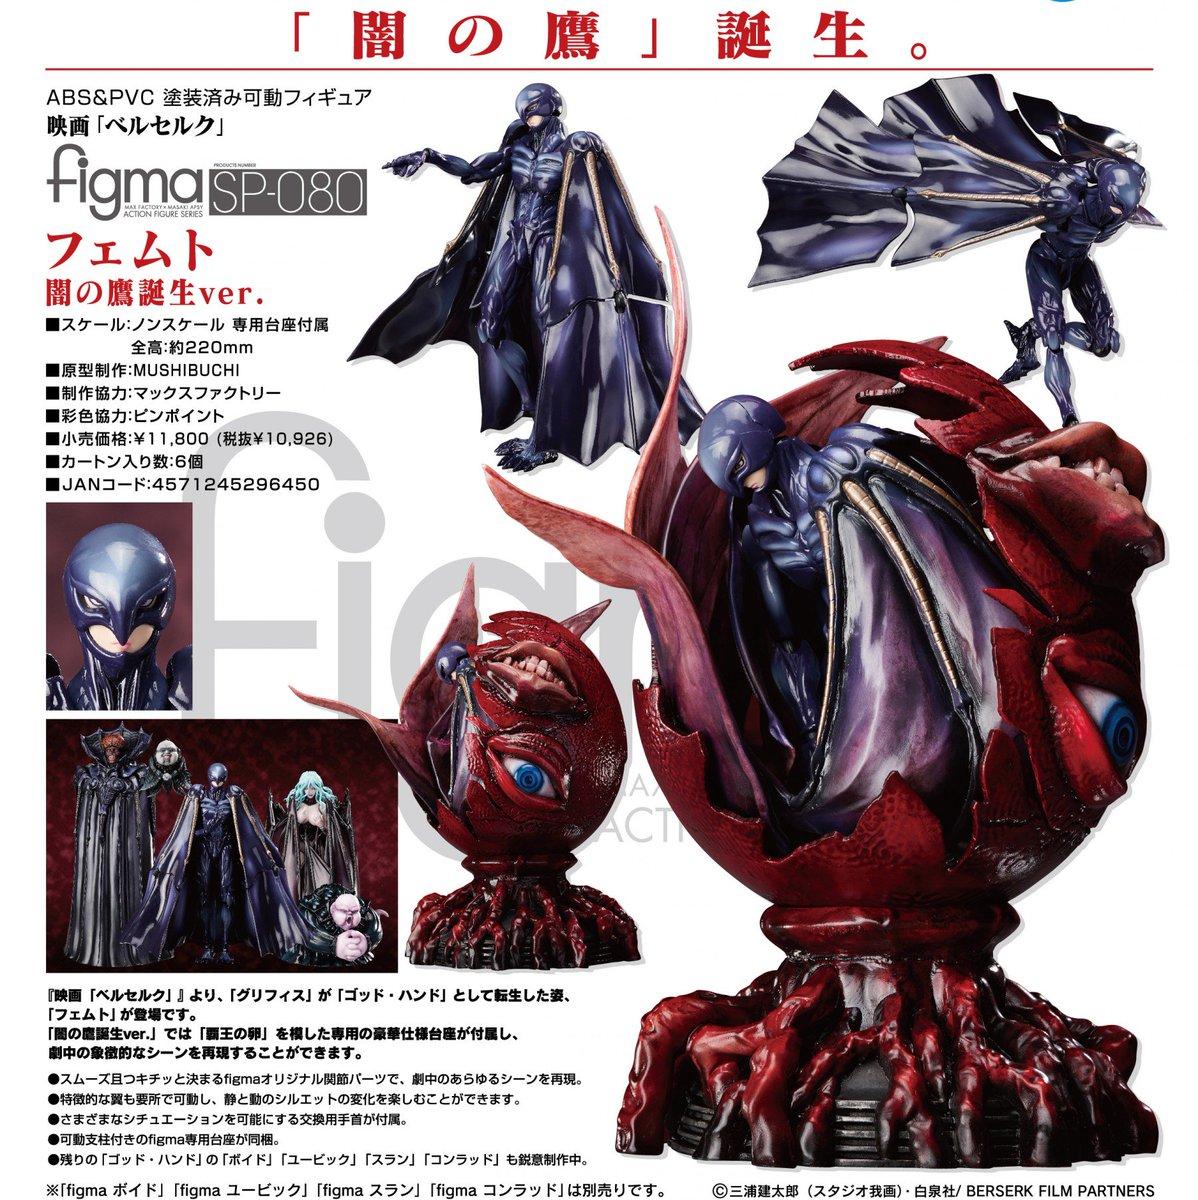 ◆ホビー情報◆figma SP-080 ベルセルク フェムト 闇の鷹誕生ver. 入荷しました!「渇望の福王」降臨、です